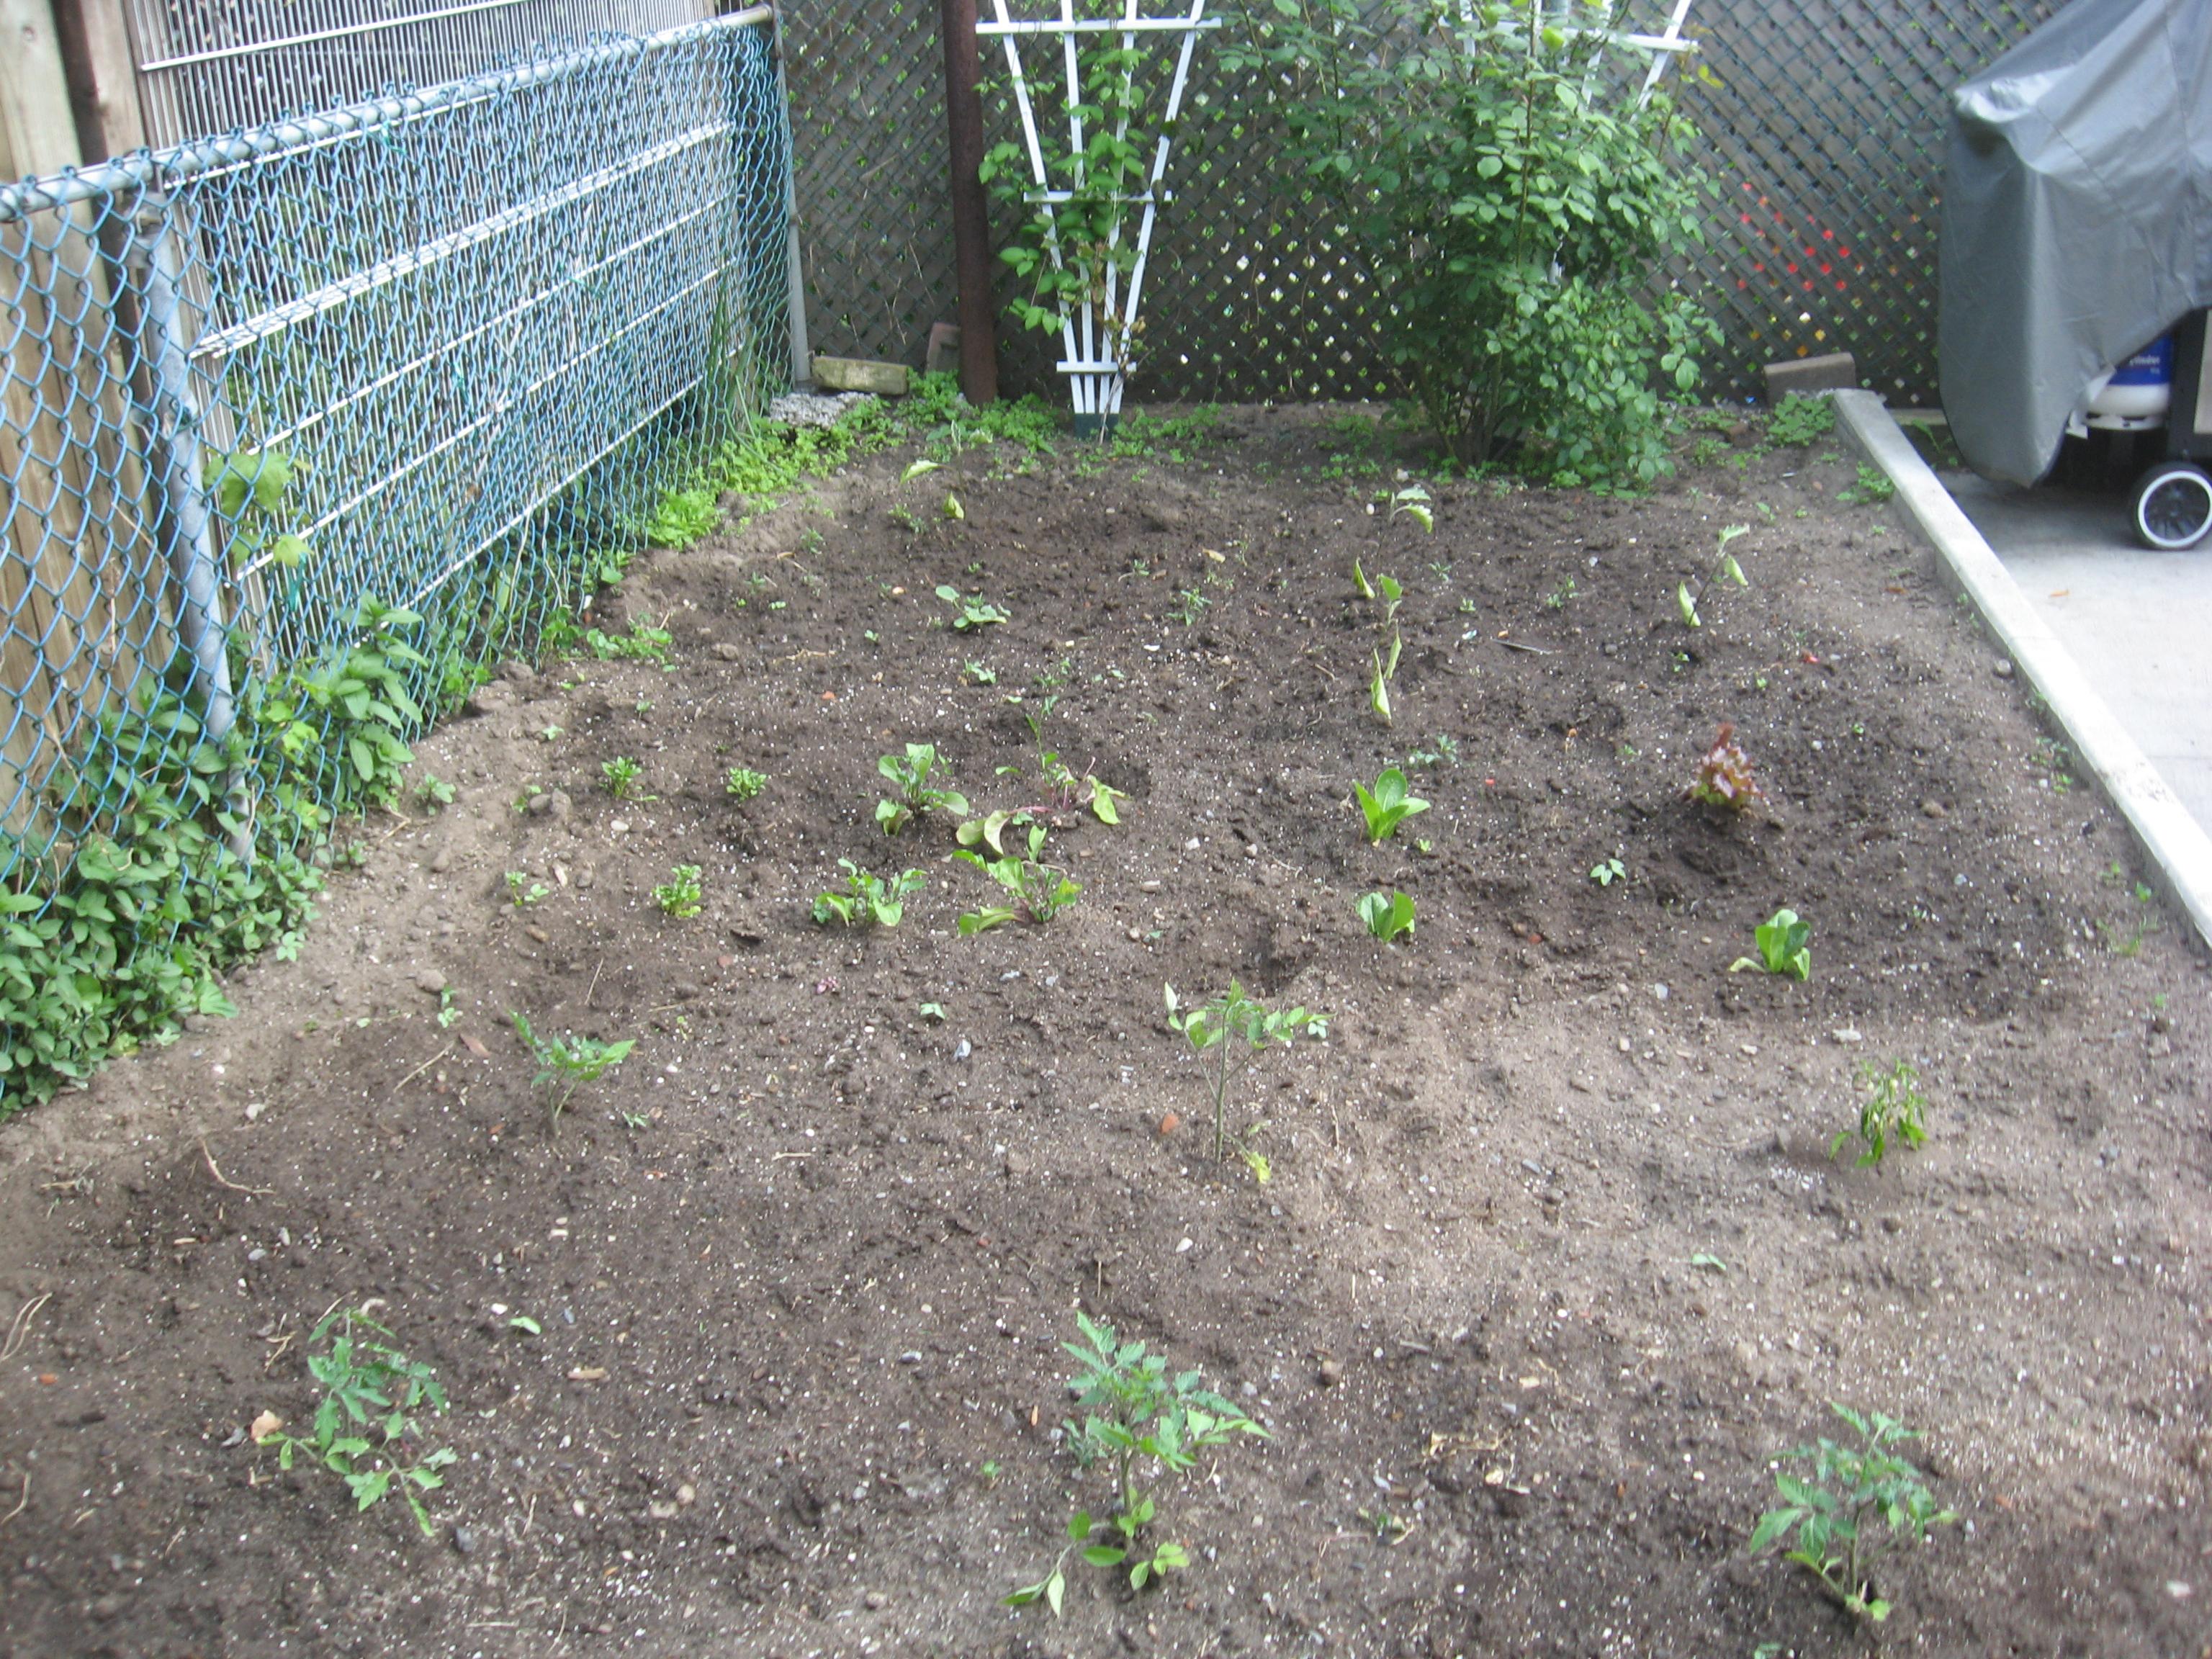 The Garden Plot - Week 2